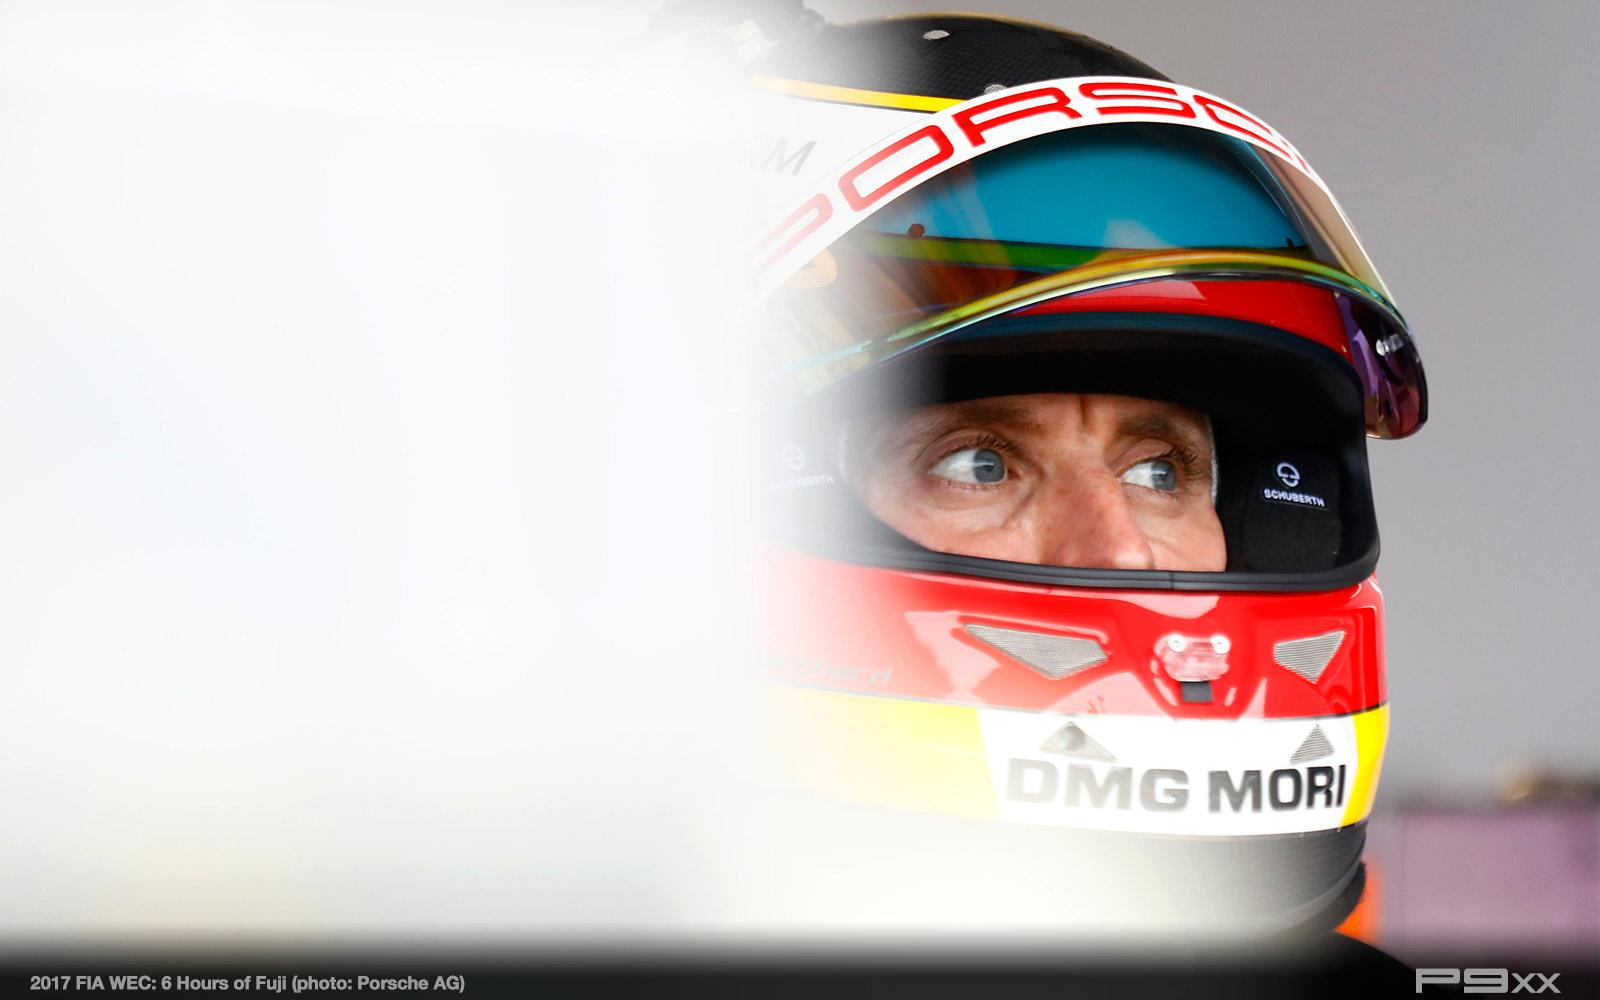 2017-FIA-WEC-6h-of-Fuji-Porsche-374